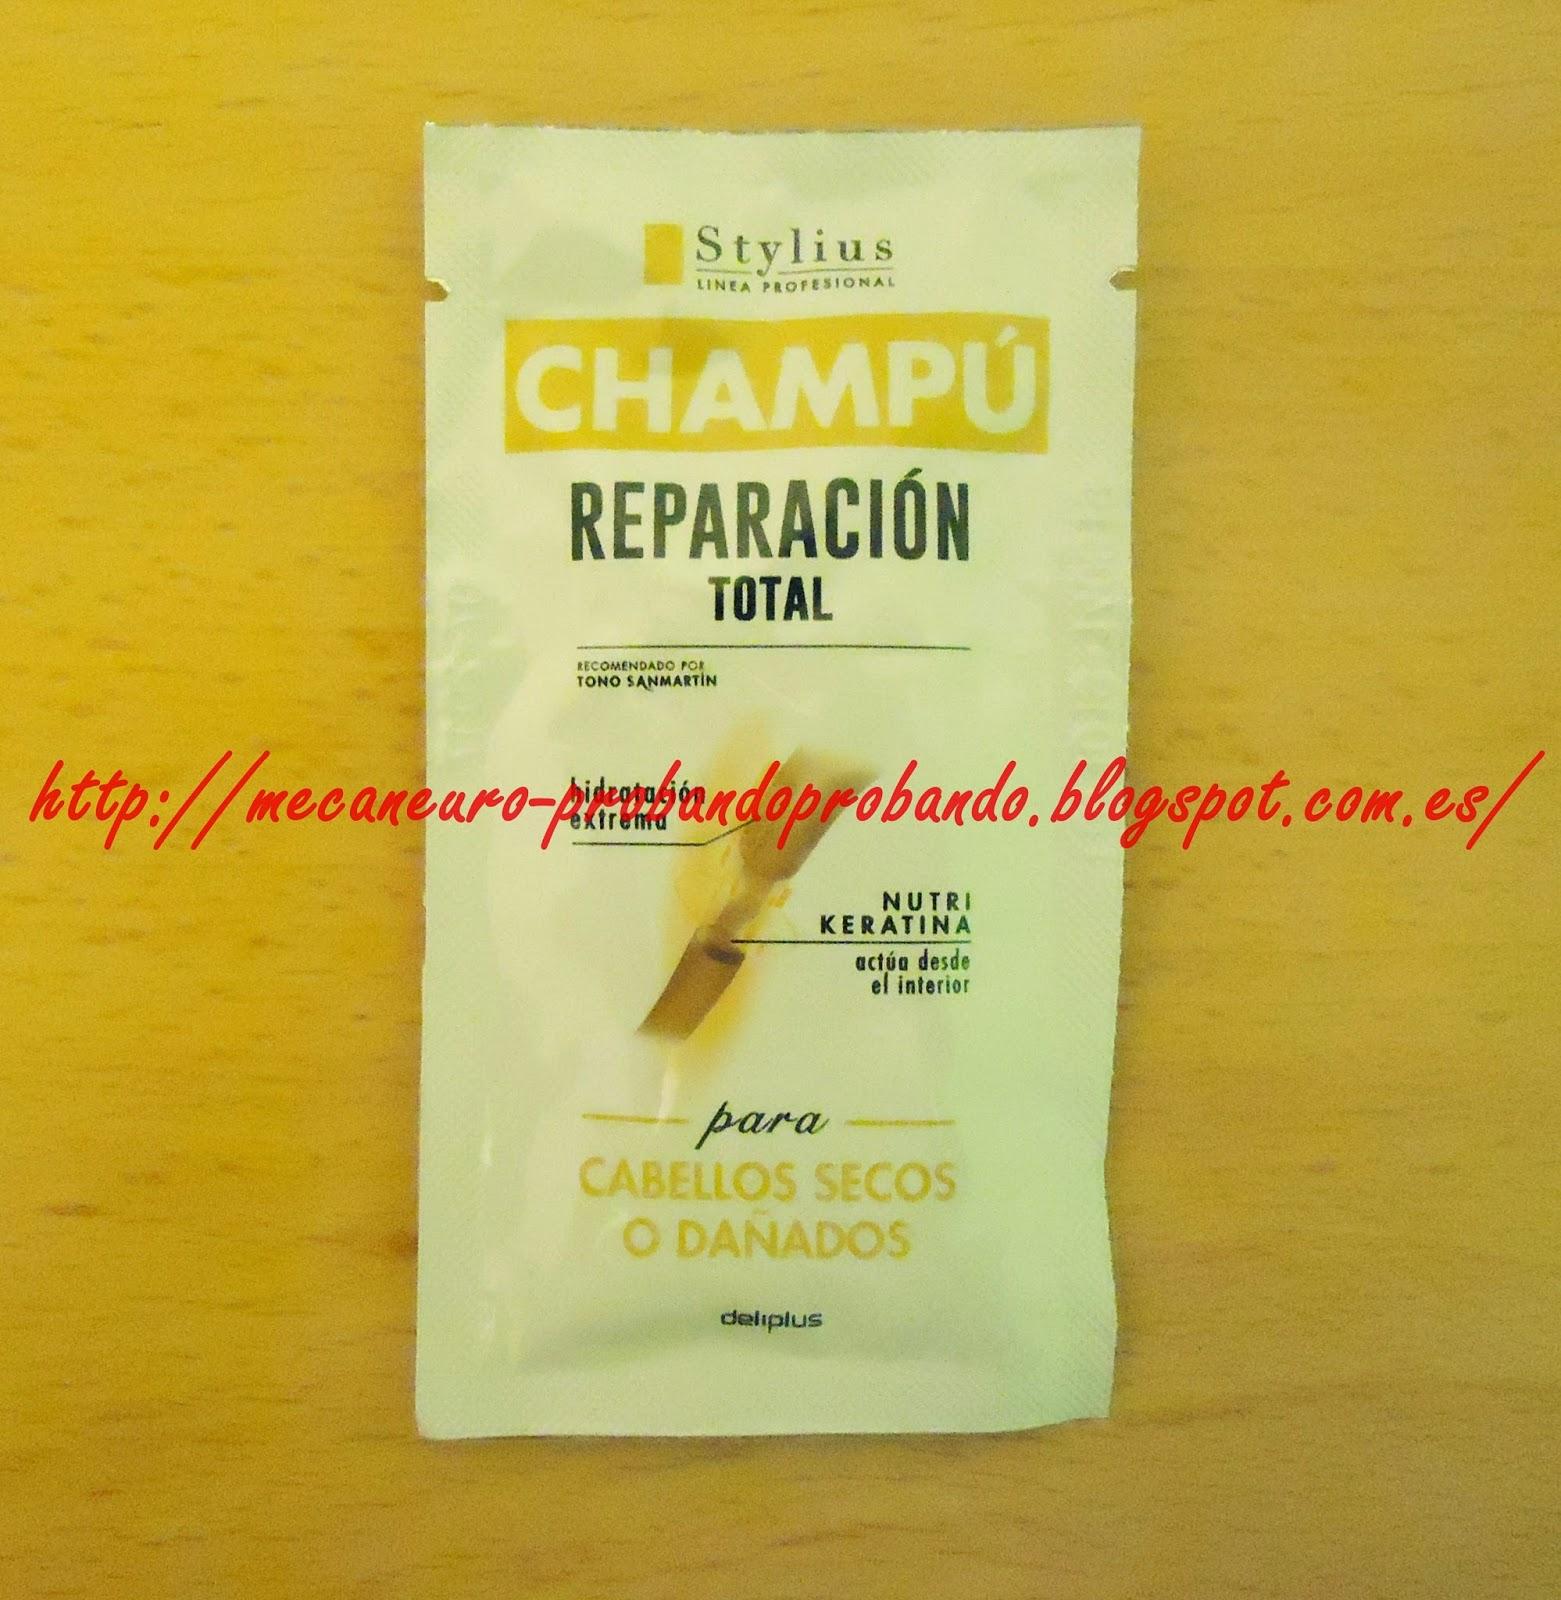 Muestra del producto Champú Reparación, Stylius